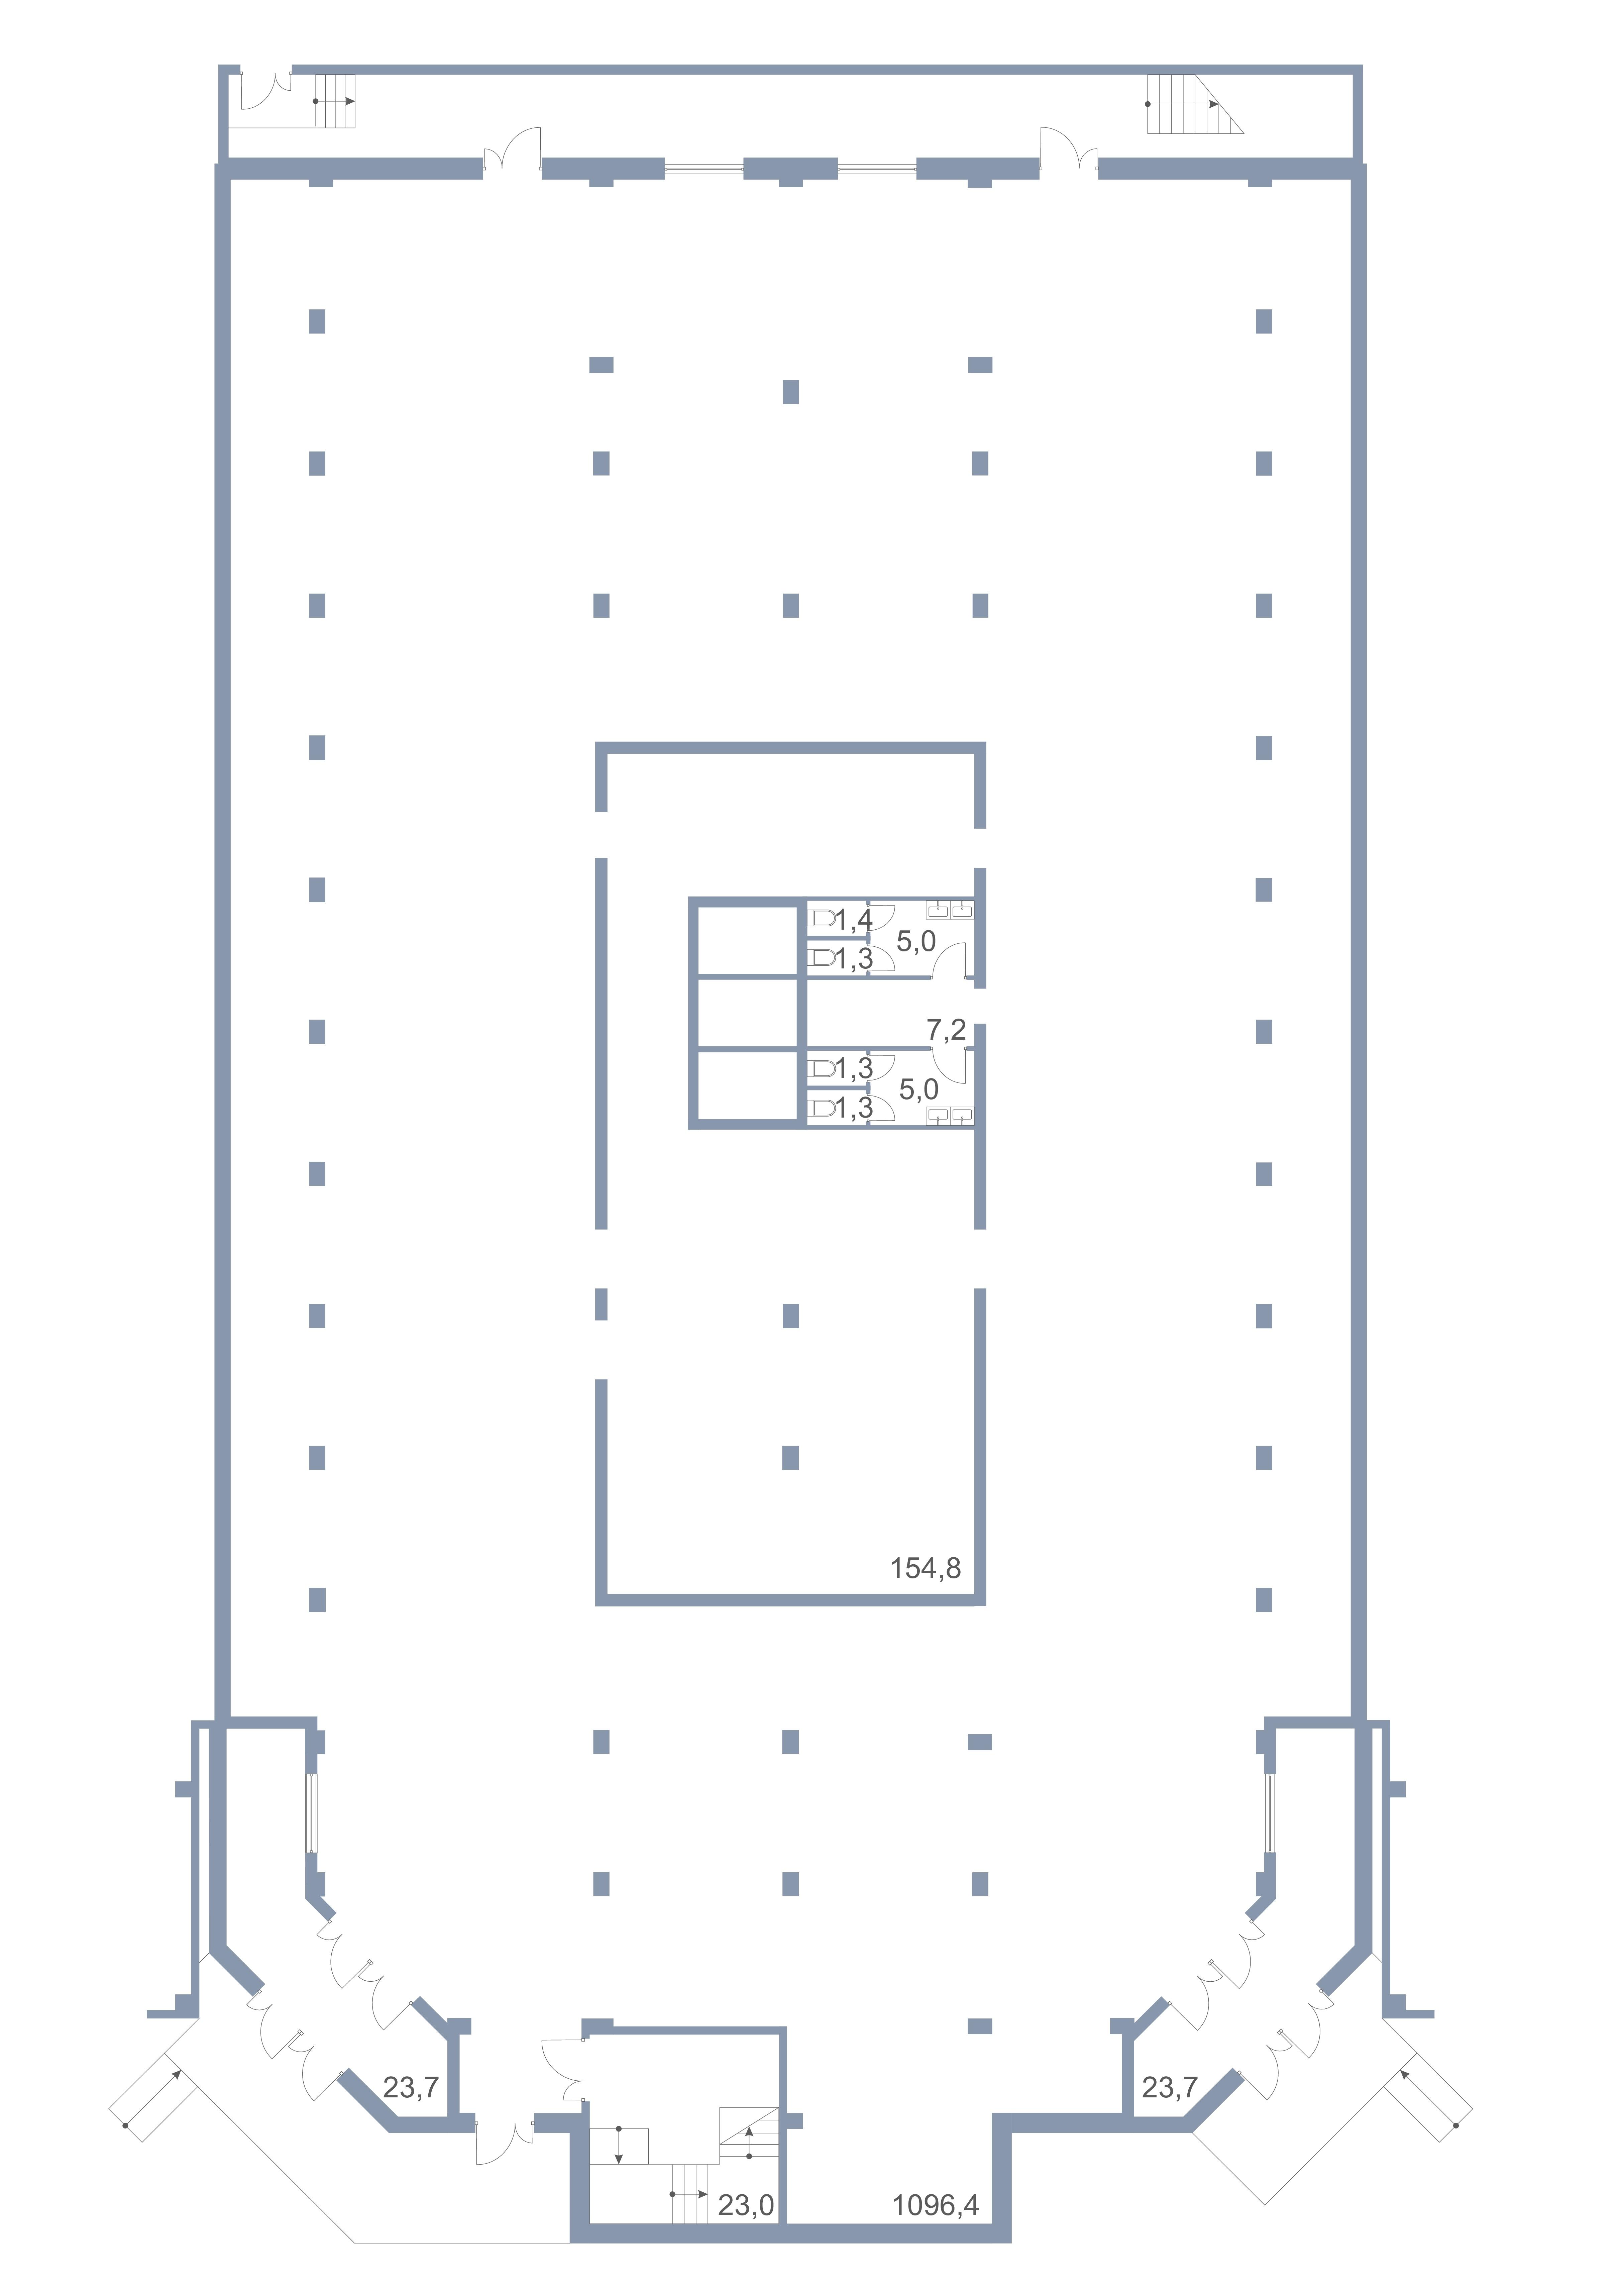 Коммерция Первый Зеленоградский Сургутский проезд 1 корп.2 этаж -1